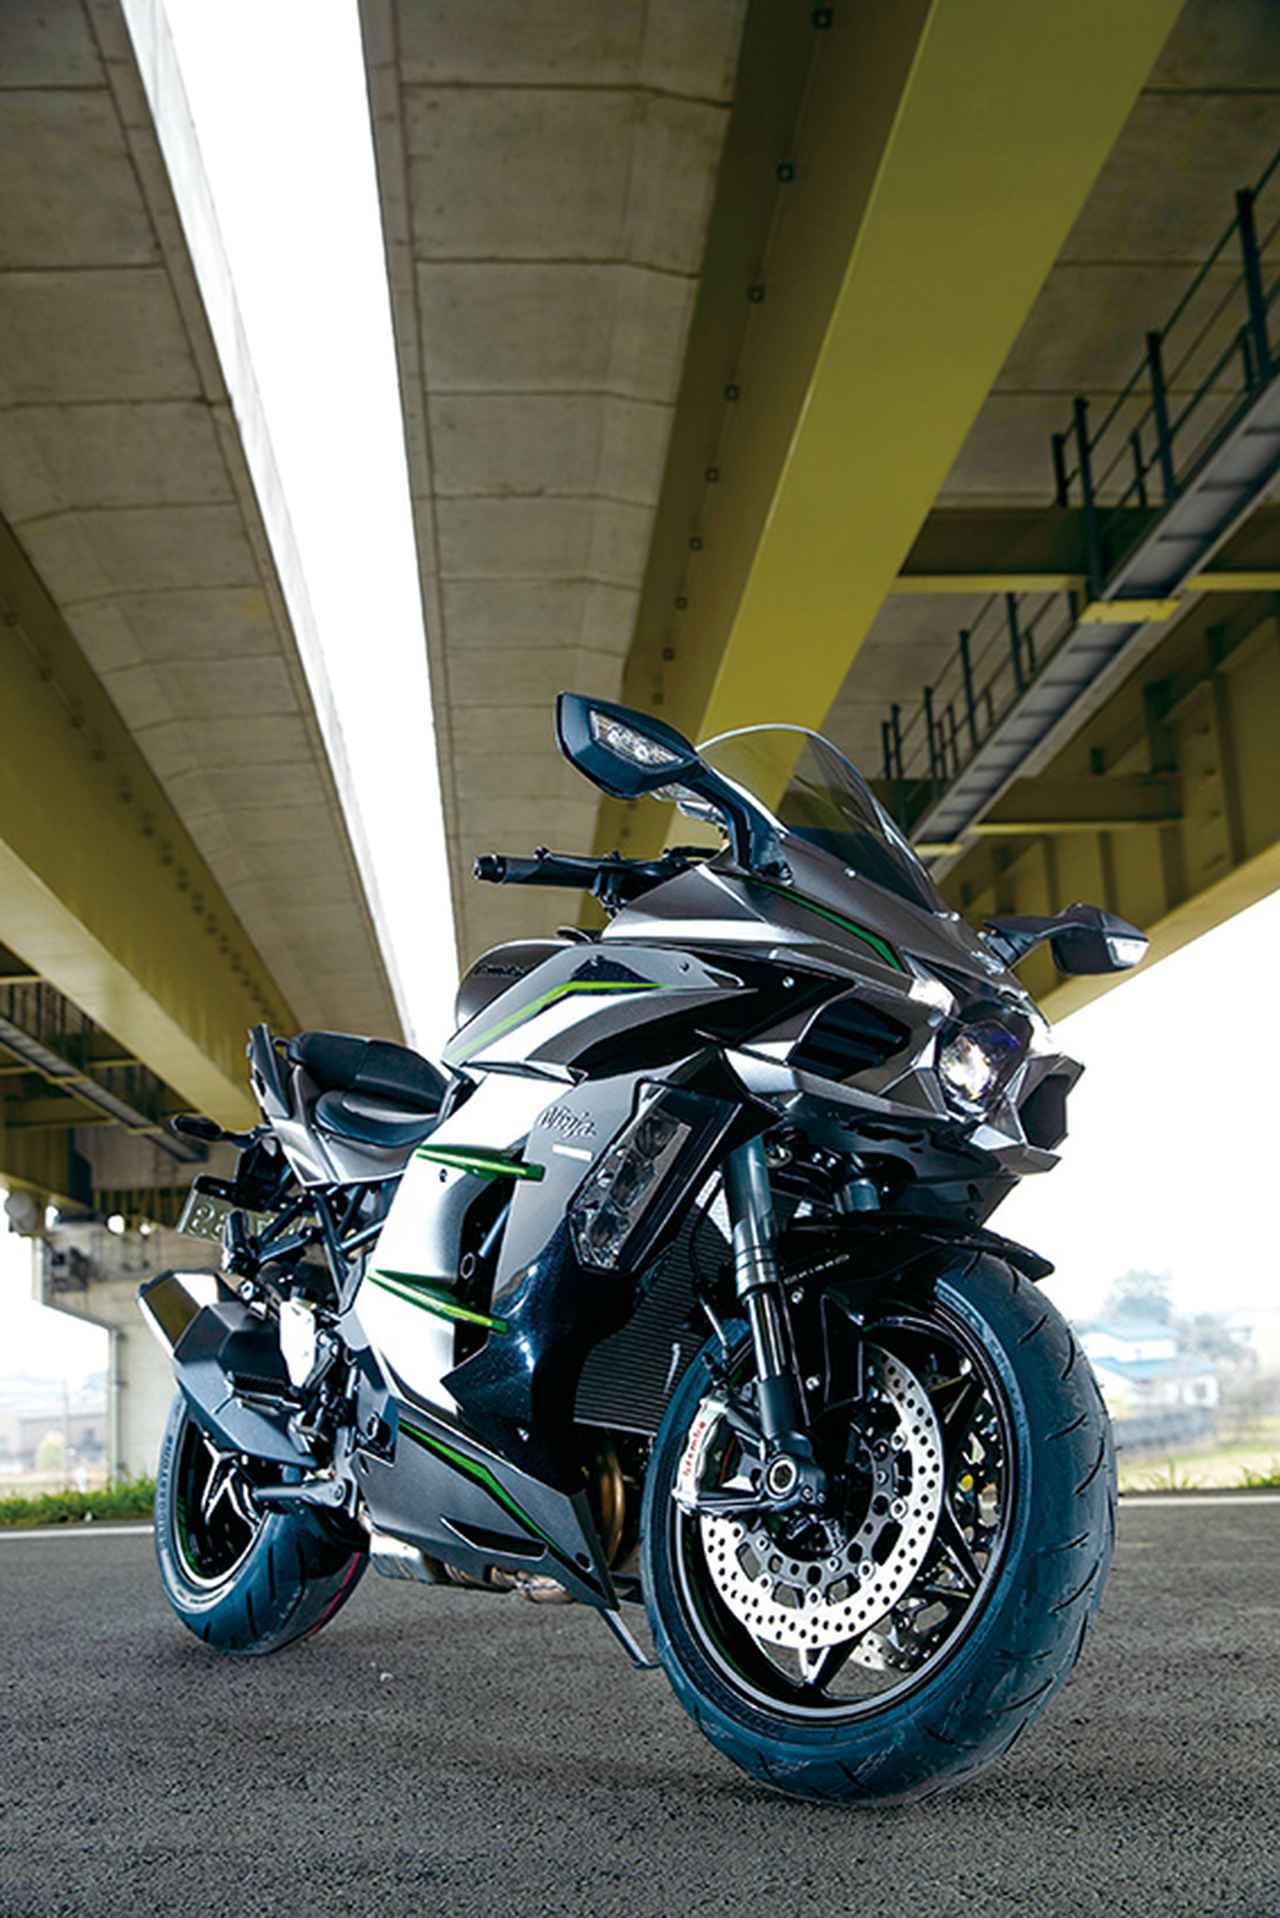 Images : 3番目の画像 - 「〝魔法の足〟を手に入れた極上のハイパフォーマンスツアラー!『KAWASAKI NINJA H2 SX SE+』(2019年)」のアルバム - LAWRENCE - Motorcycle x Cars + α = Your Life.